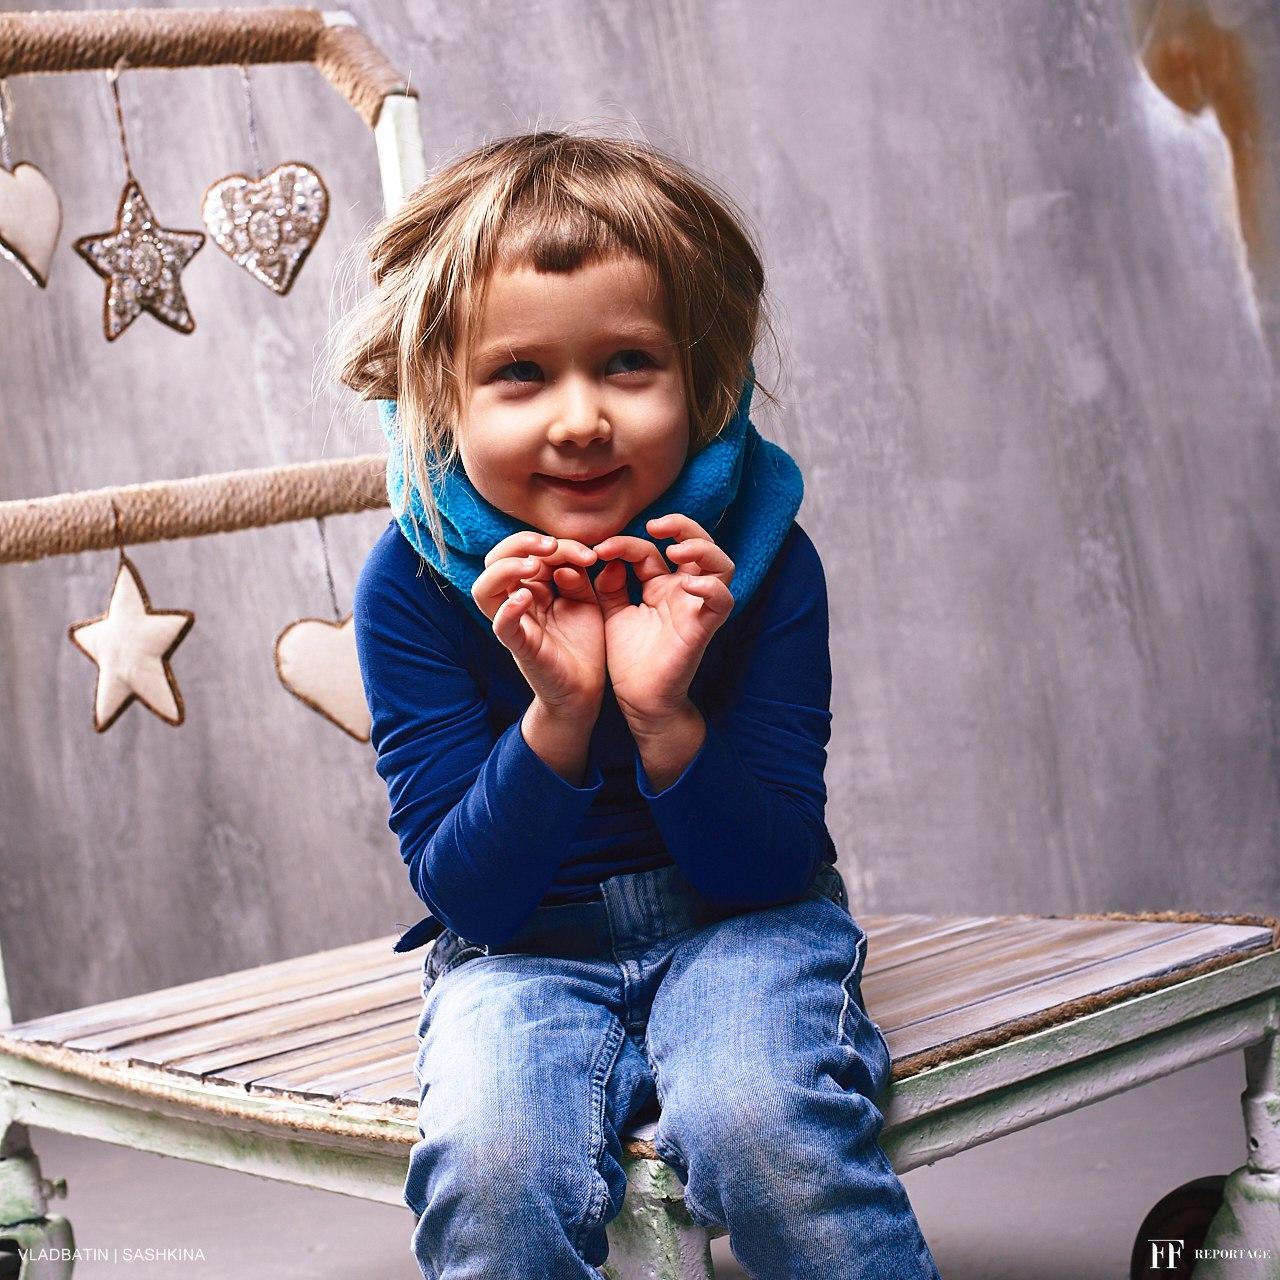 детский фотограф, фотограф для детей, фотограф для ребенка